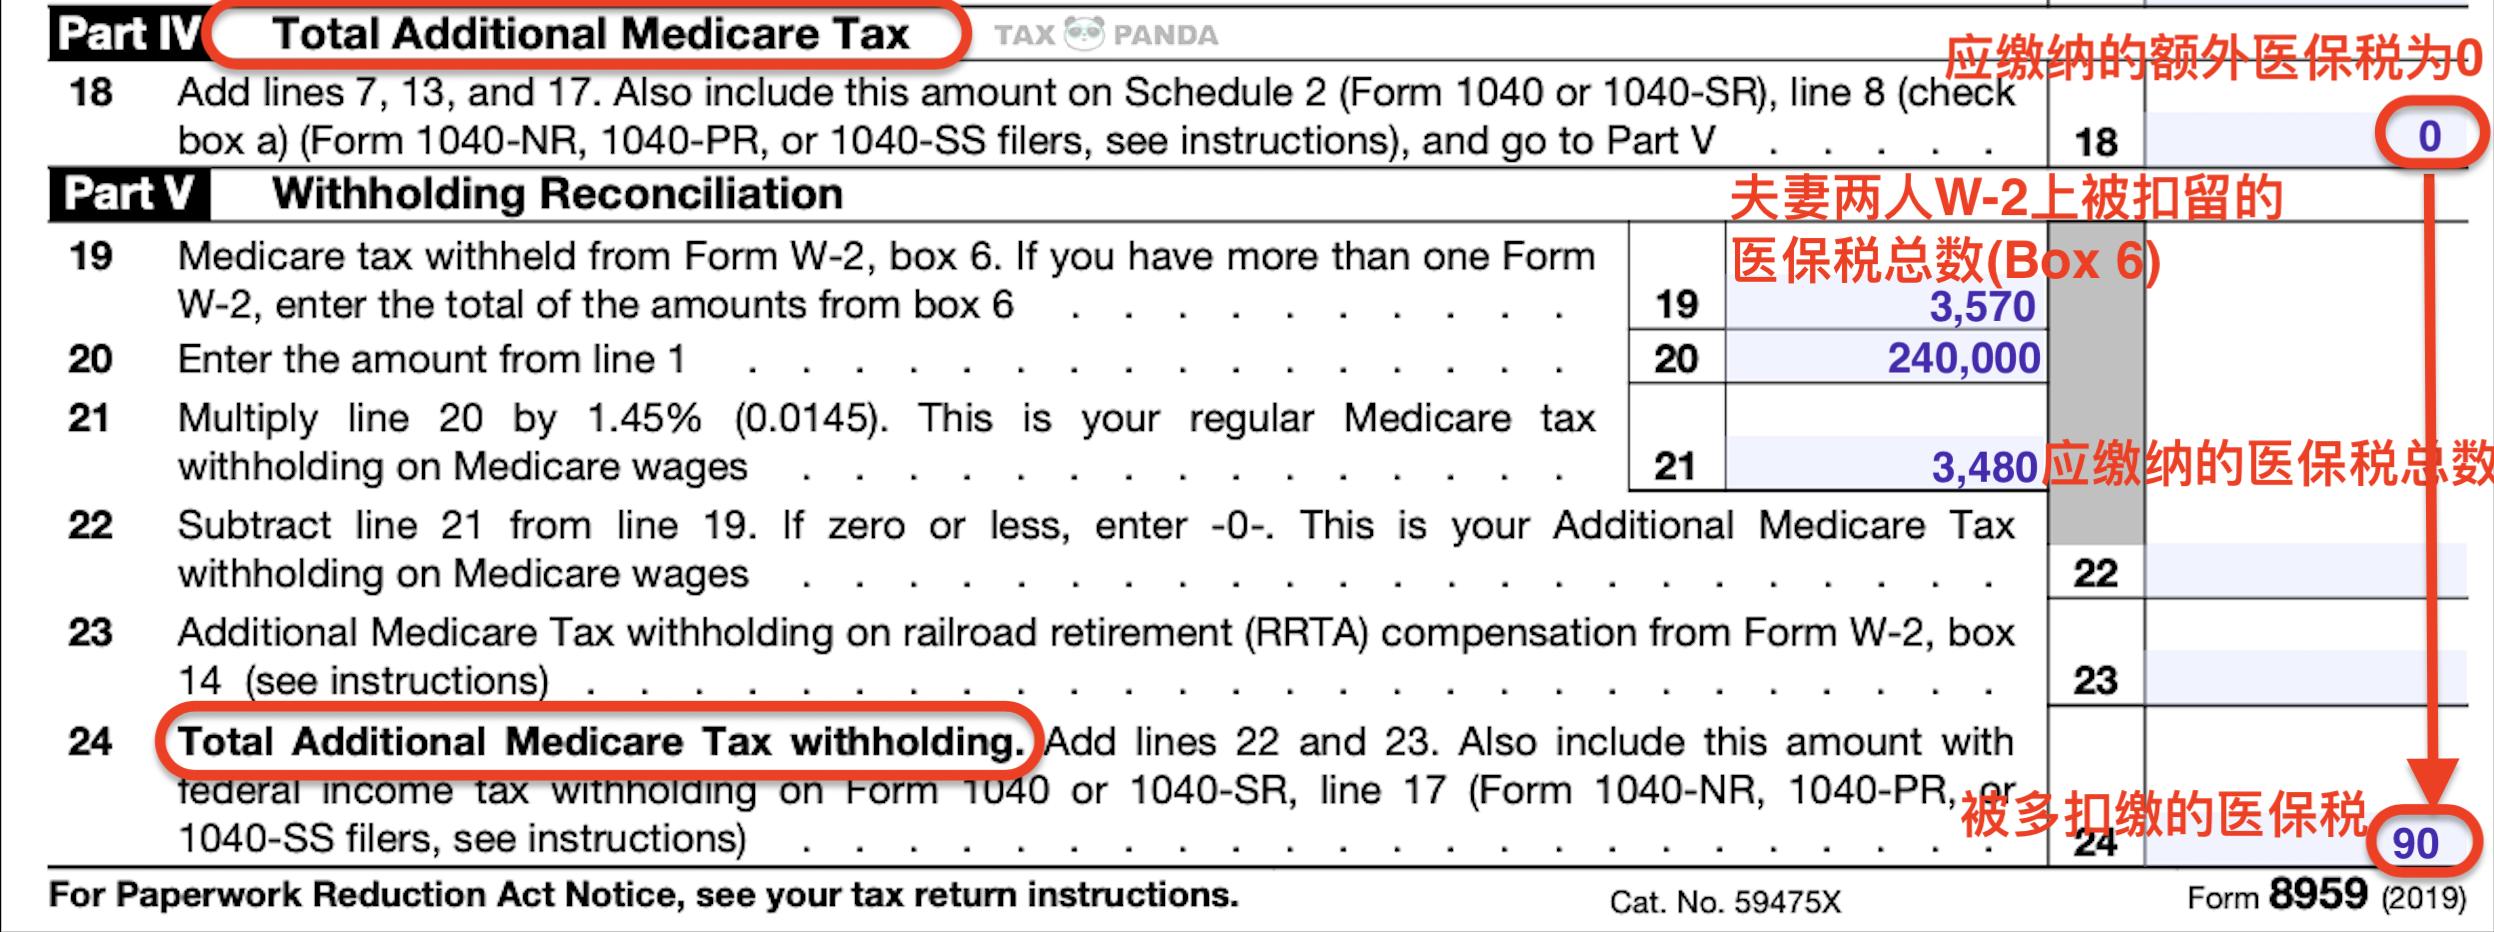 FICA退税 8959表二